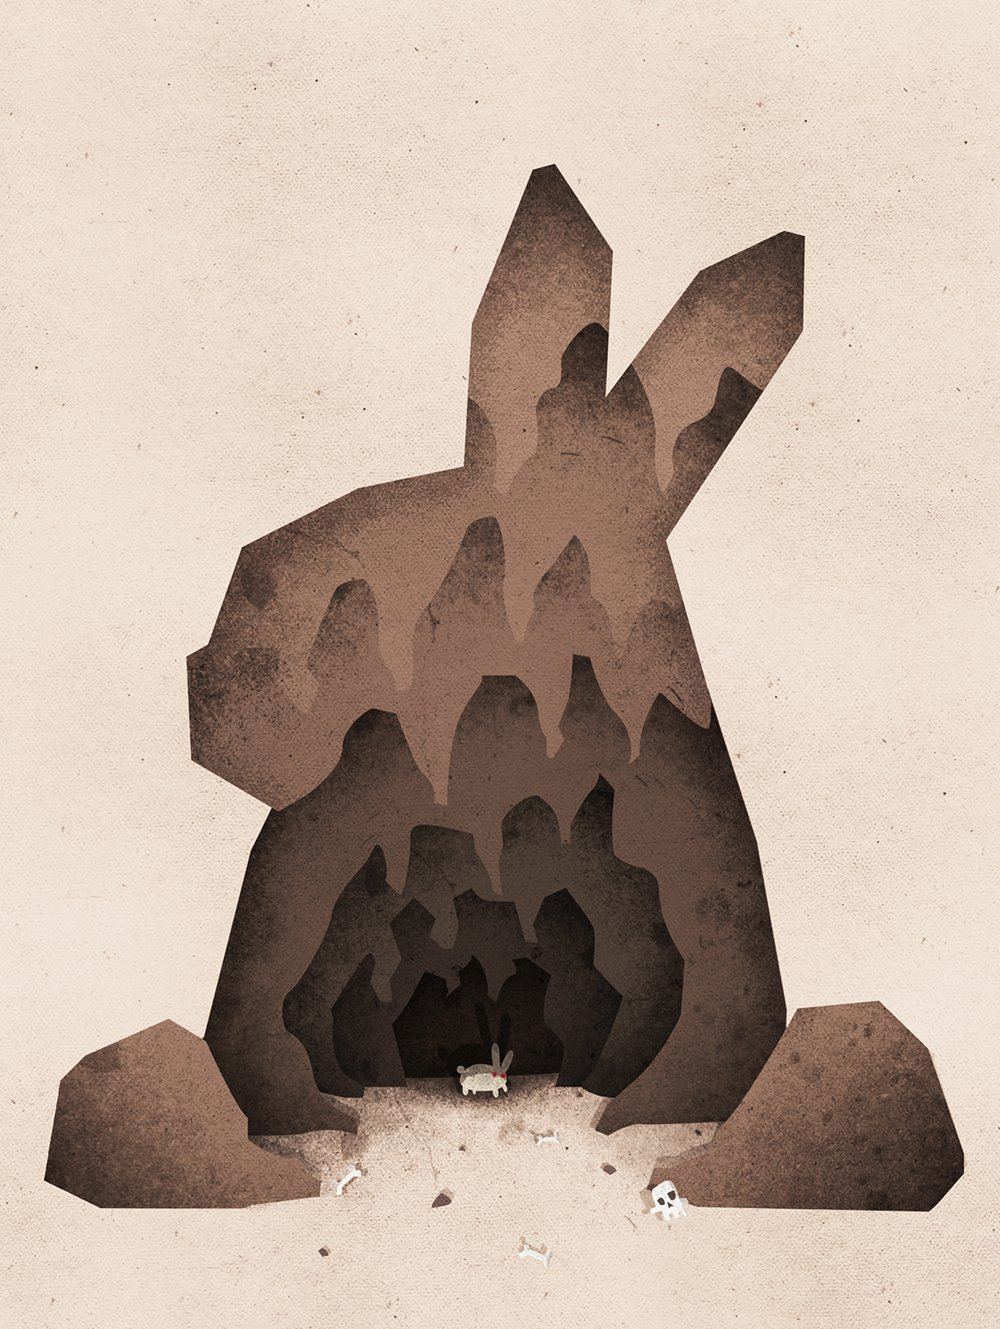 A Monty Python Inspired Rabbit of Caerbannog